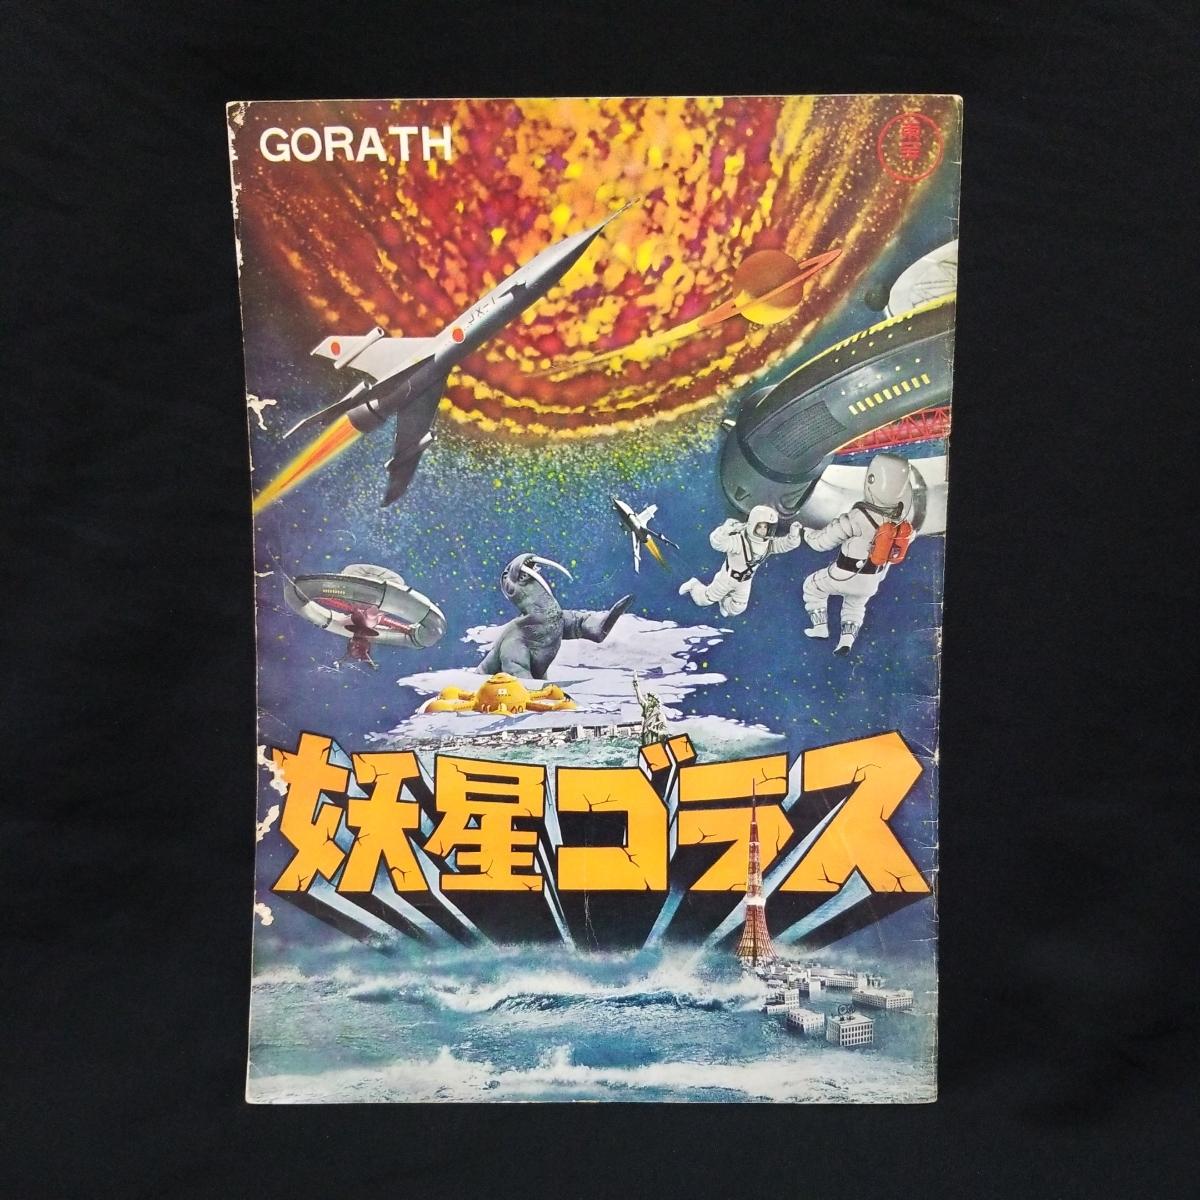 妖星ゴラス パンフレット 昭和37年 当時物 東宝 円谷英二 特撮映画